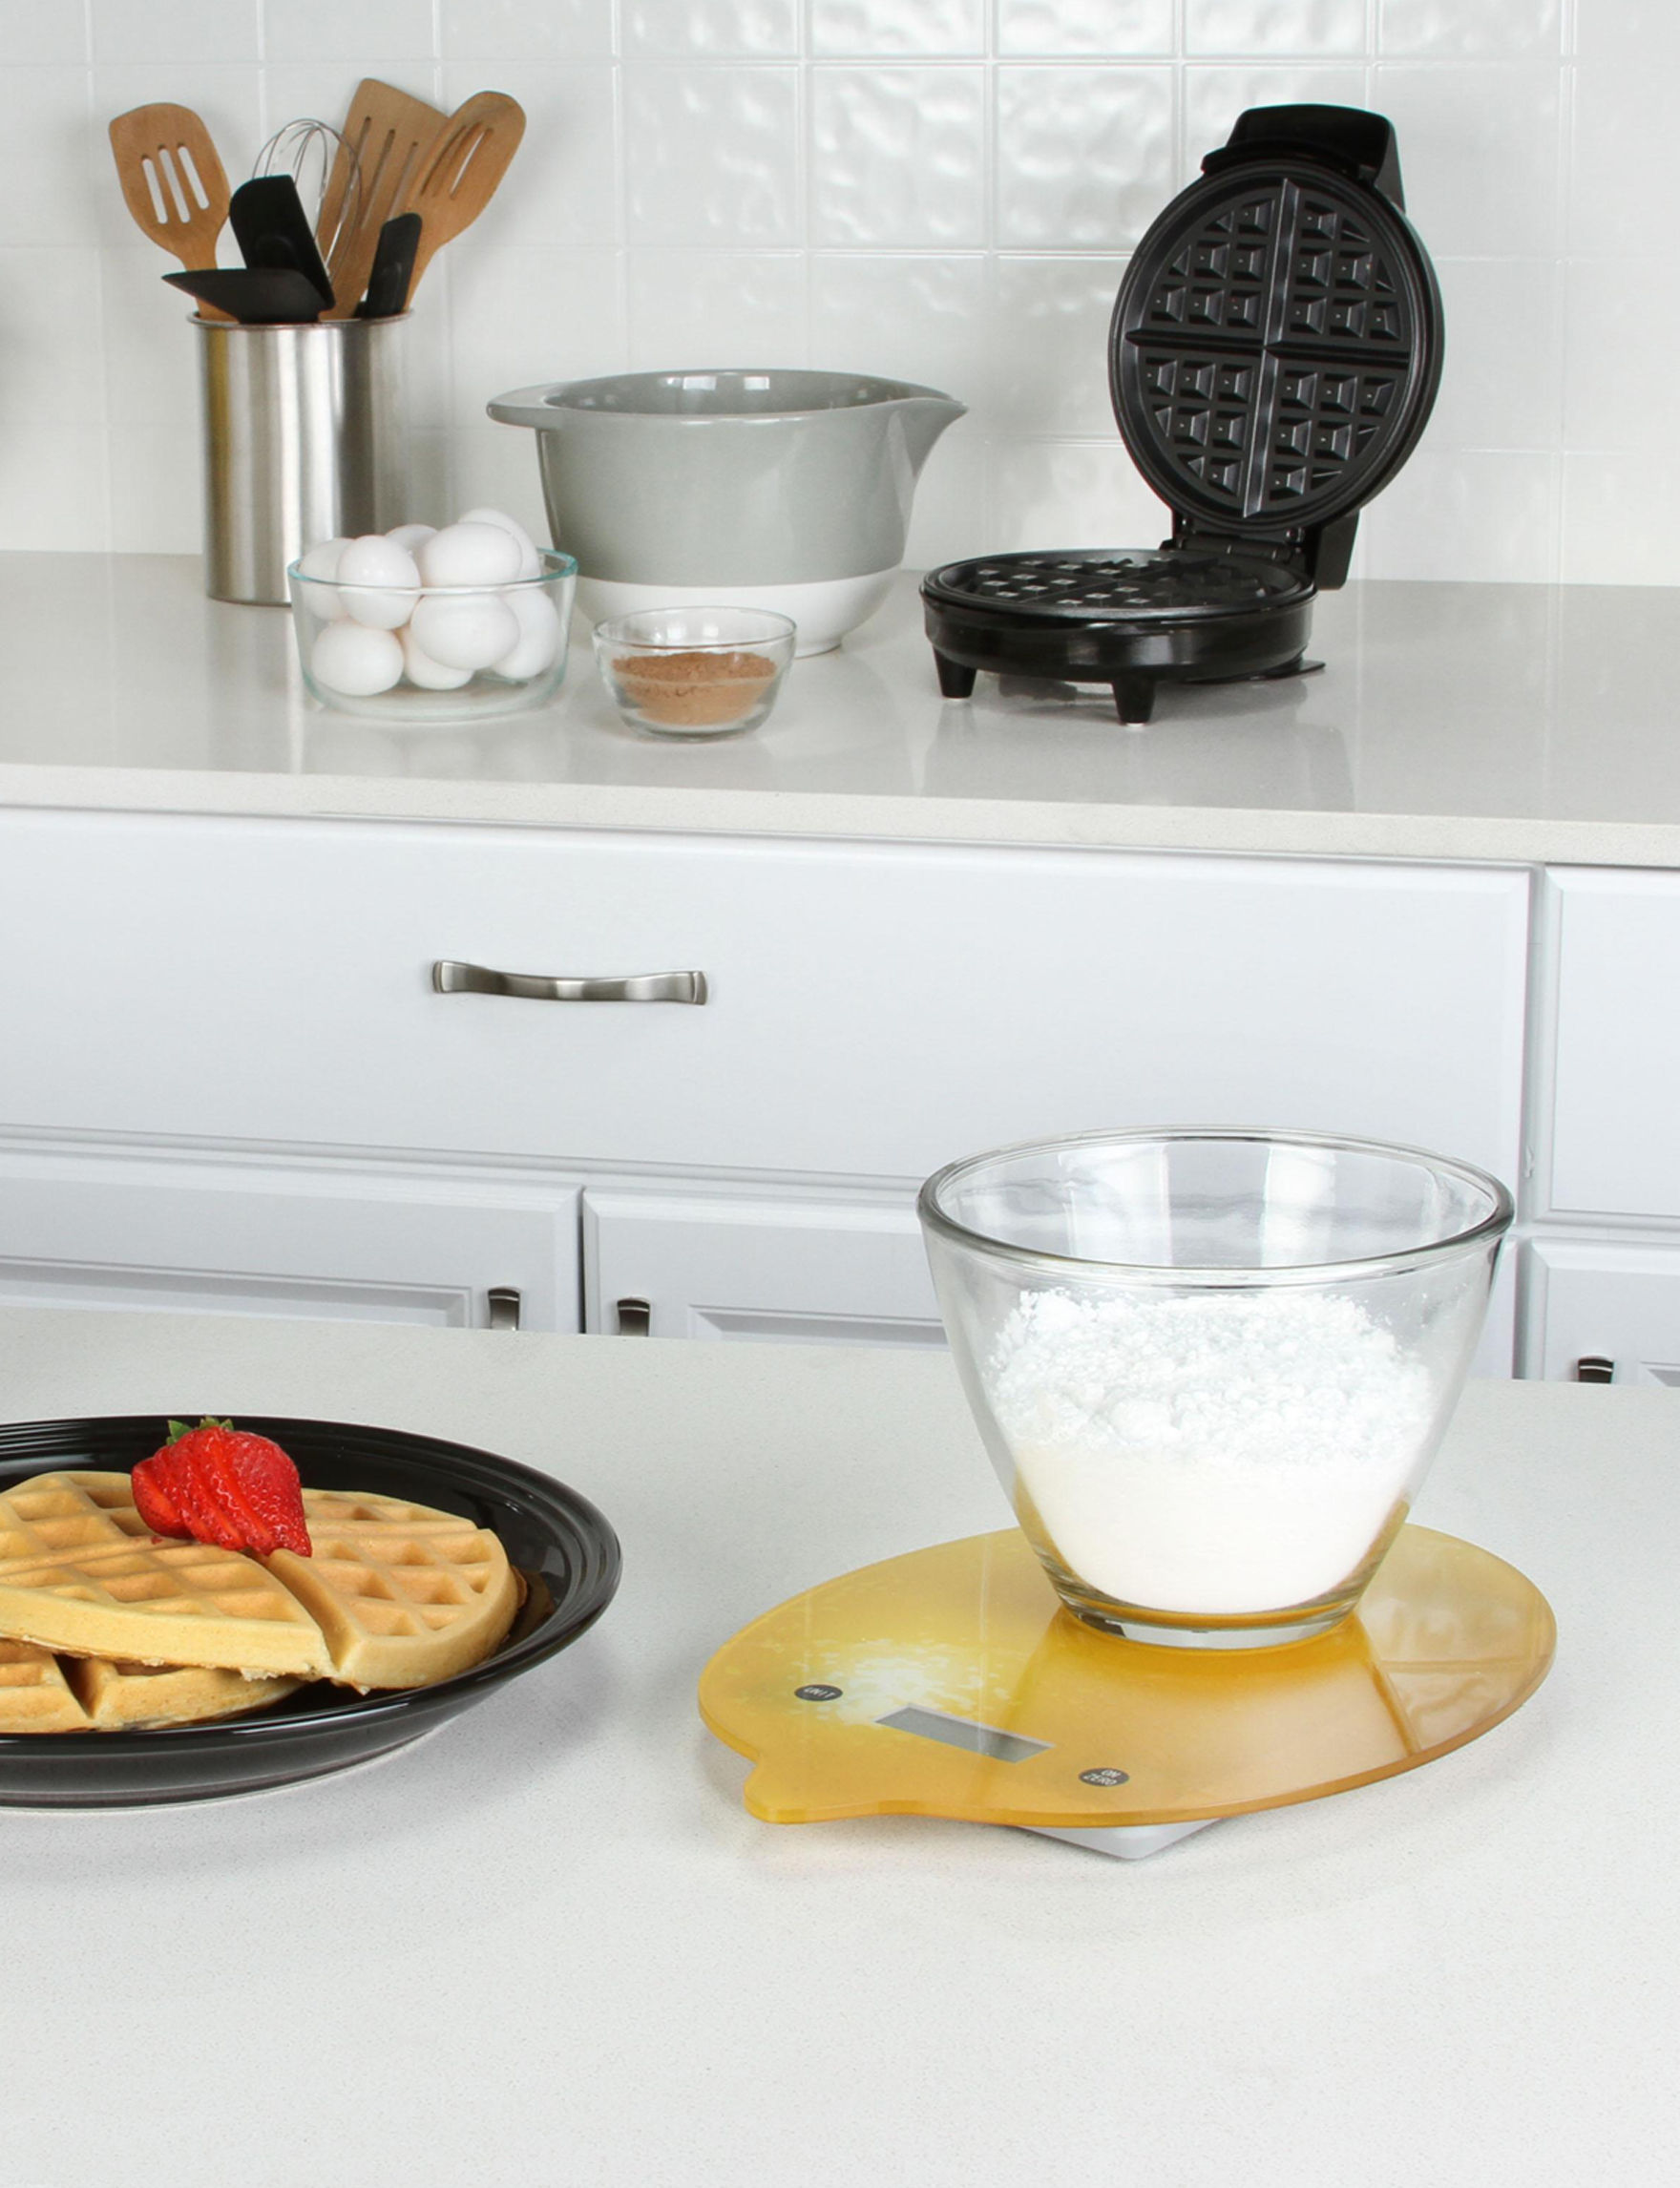 Kalorik Yellow Kitchen Appliances Prep & Tools